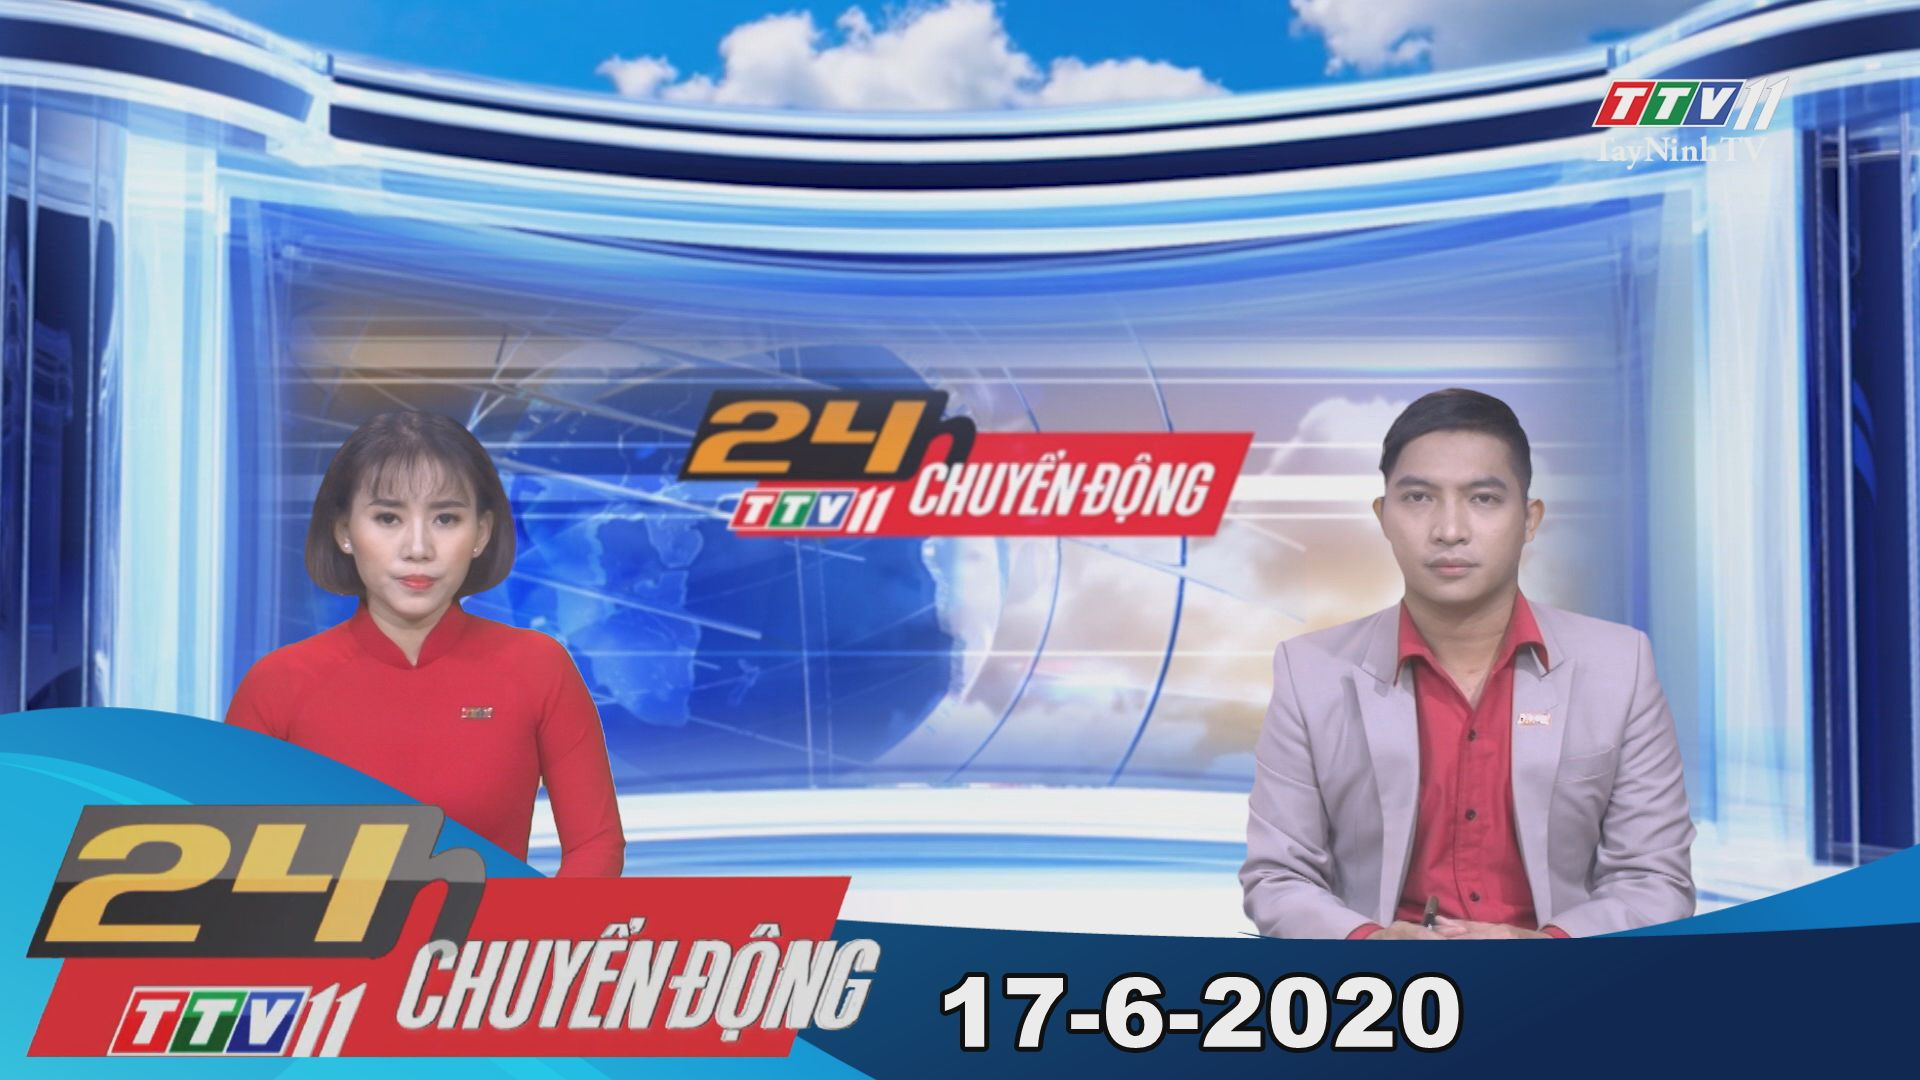 24h Chuyển động 17-6-2020   Tin tức hôm nay   TayNinhTV